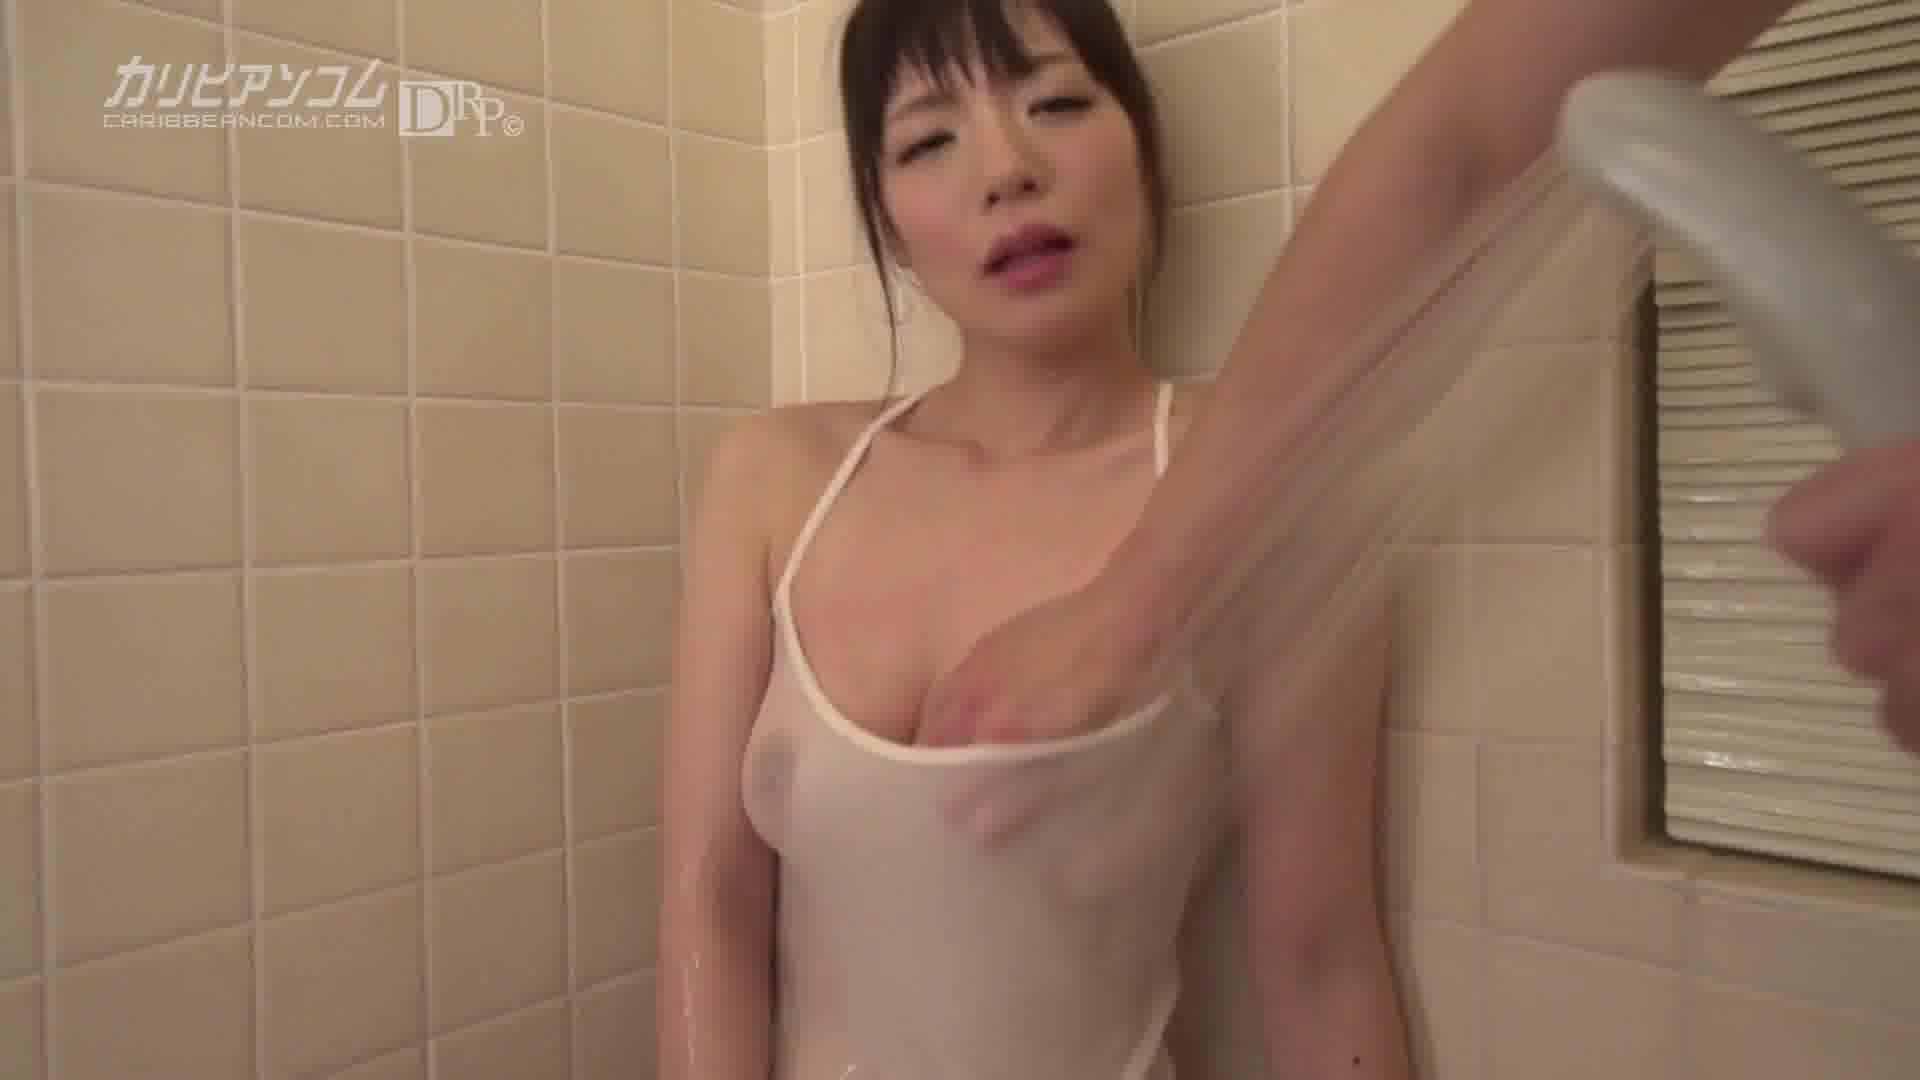 透けパイ美-BODY - 水城奈緒【痴女・巨乳・中出し】